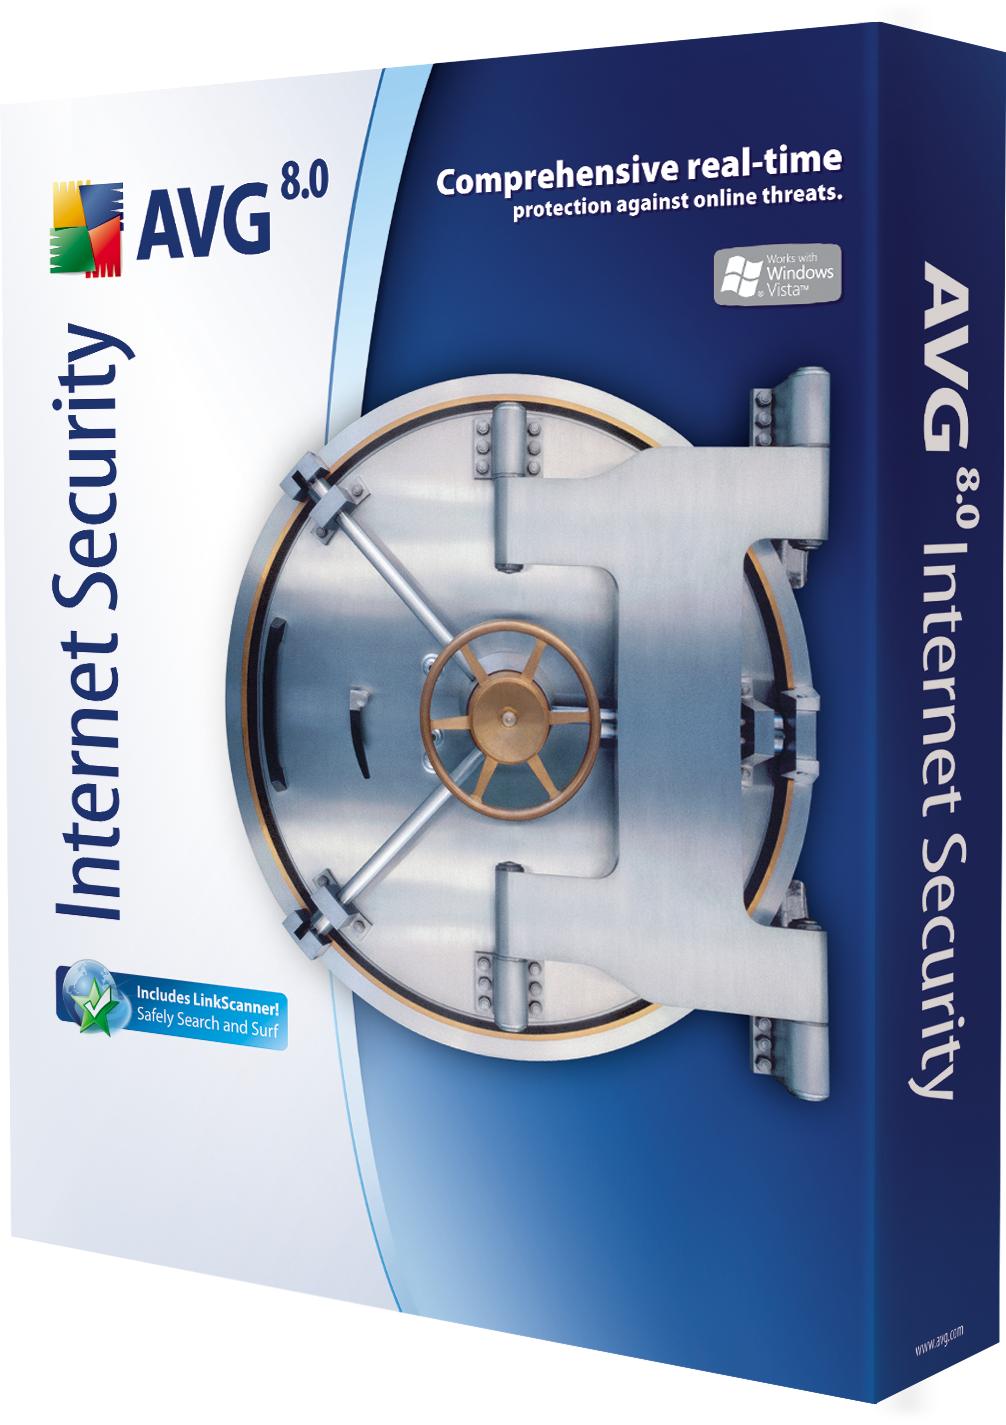 matrix uab - avg effective antivirus, free antivirus